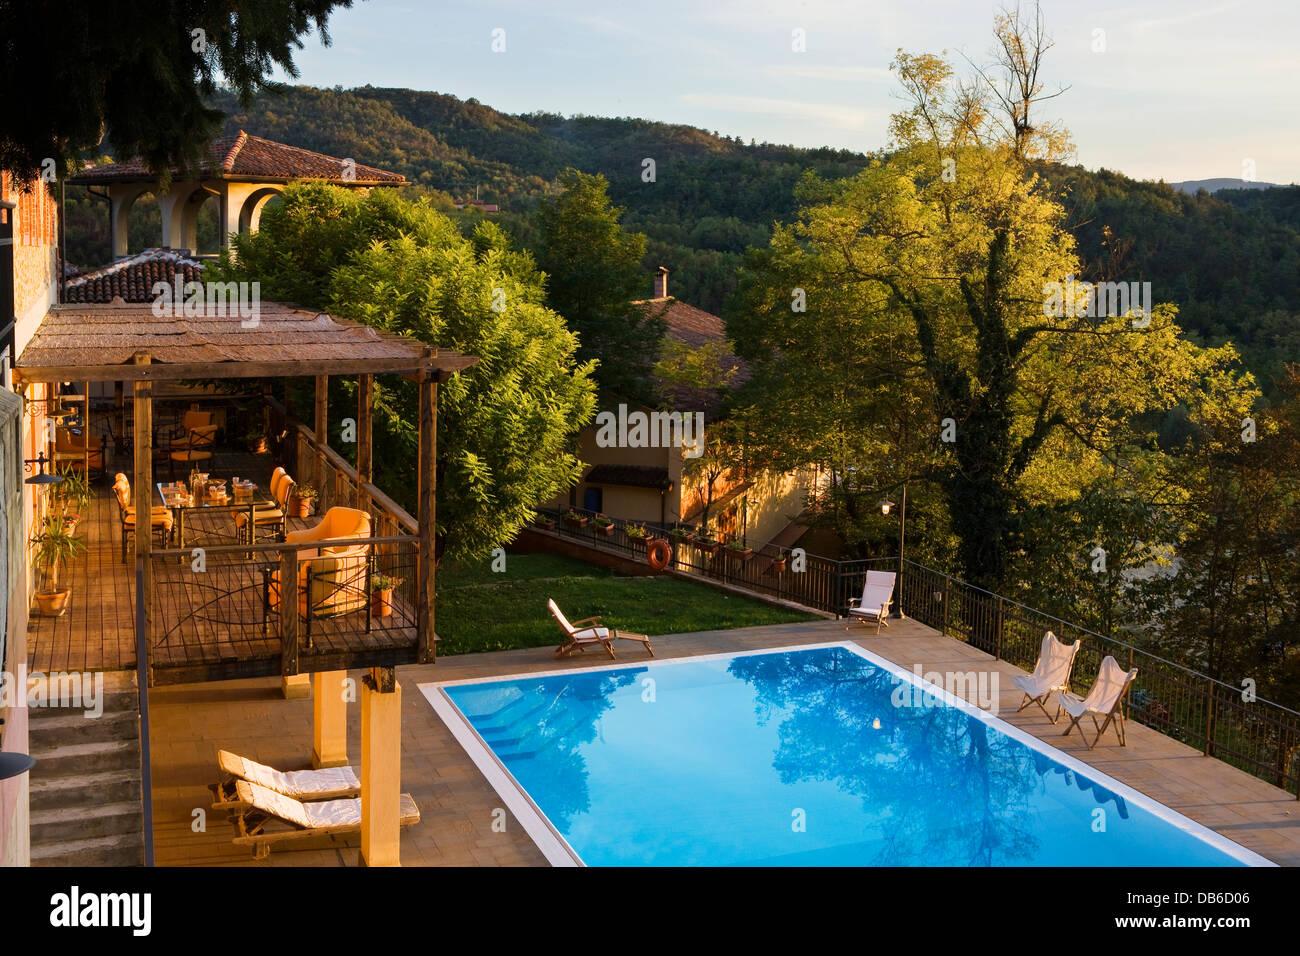 Piscine All Aperto Piemonte l'italia, piemonte, cremolino, casa wallace hotel, la